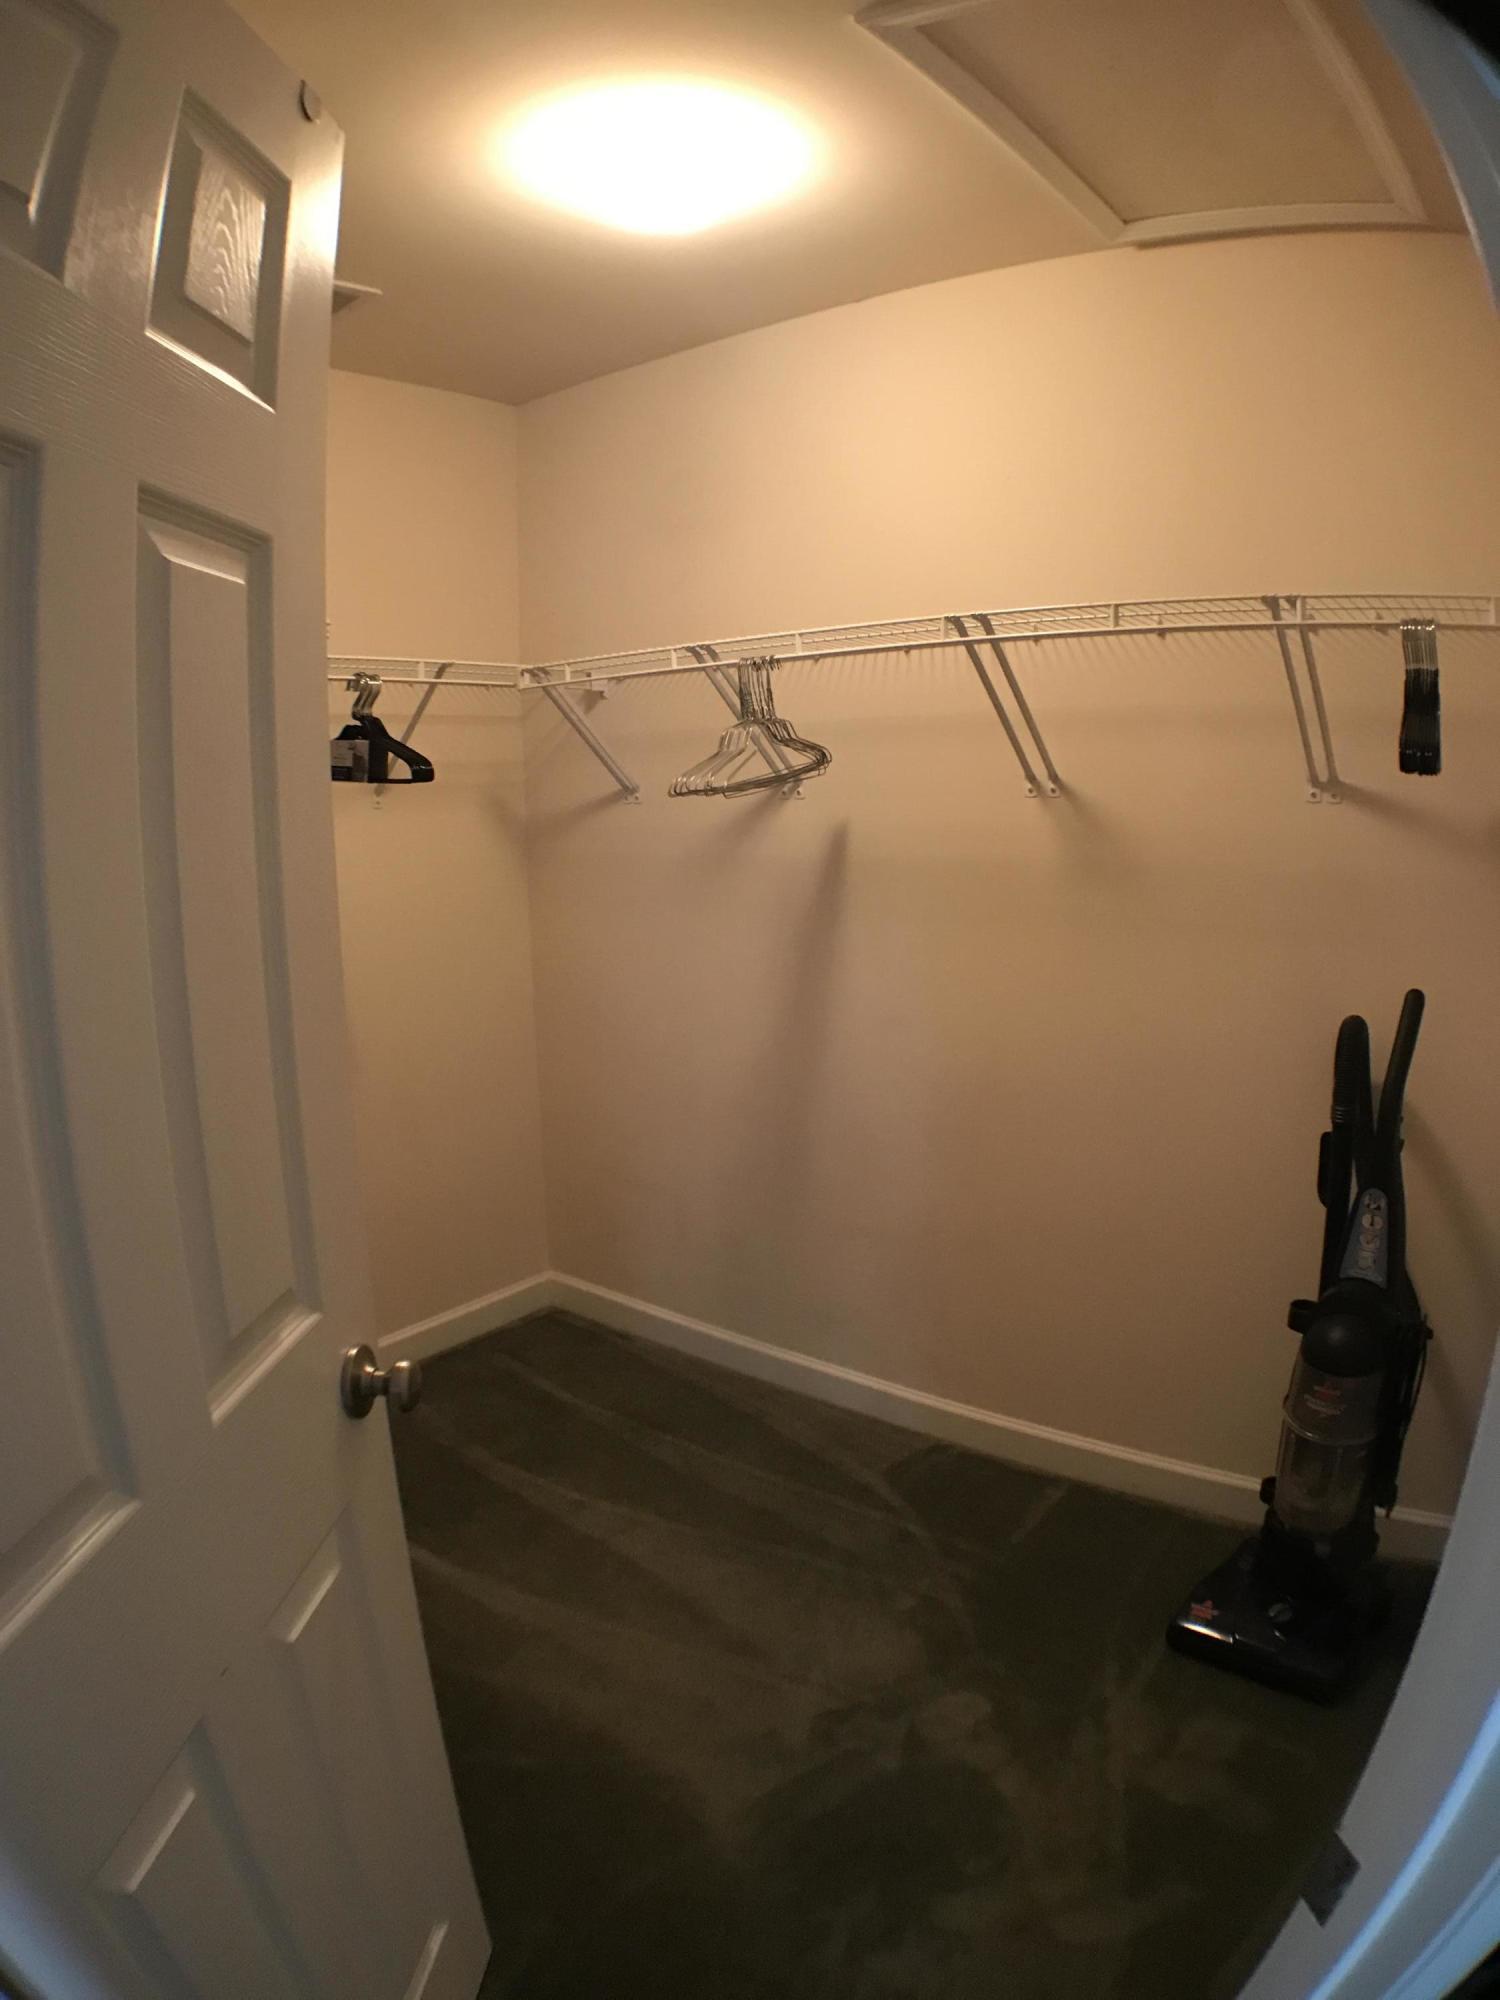 Park West Homes For Sale - 3521 Claremont, Mount Pleasant, SC - 5